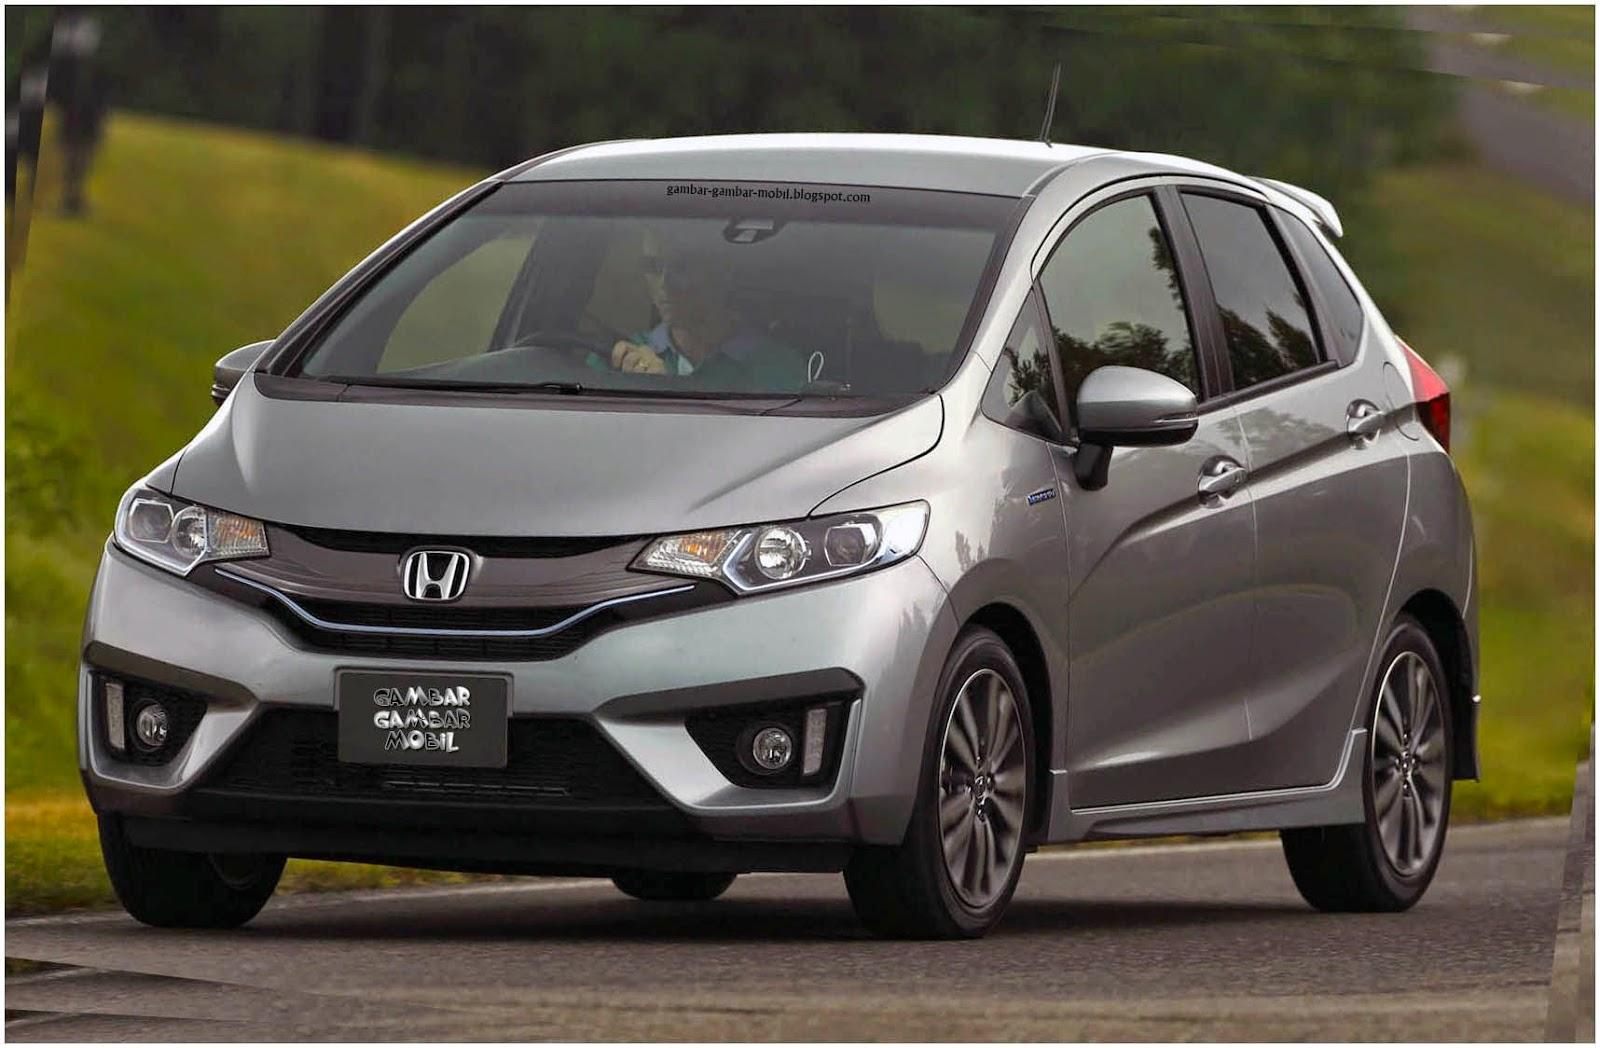 Gambar Mobil Honda Matic